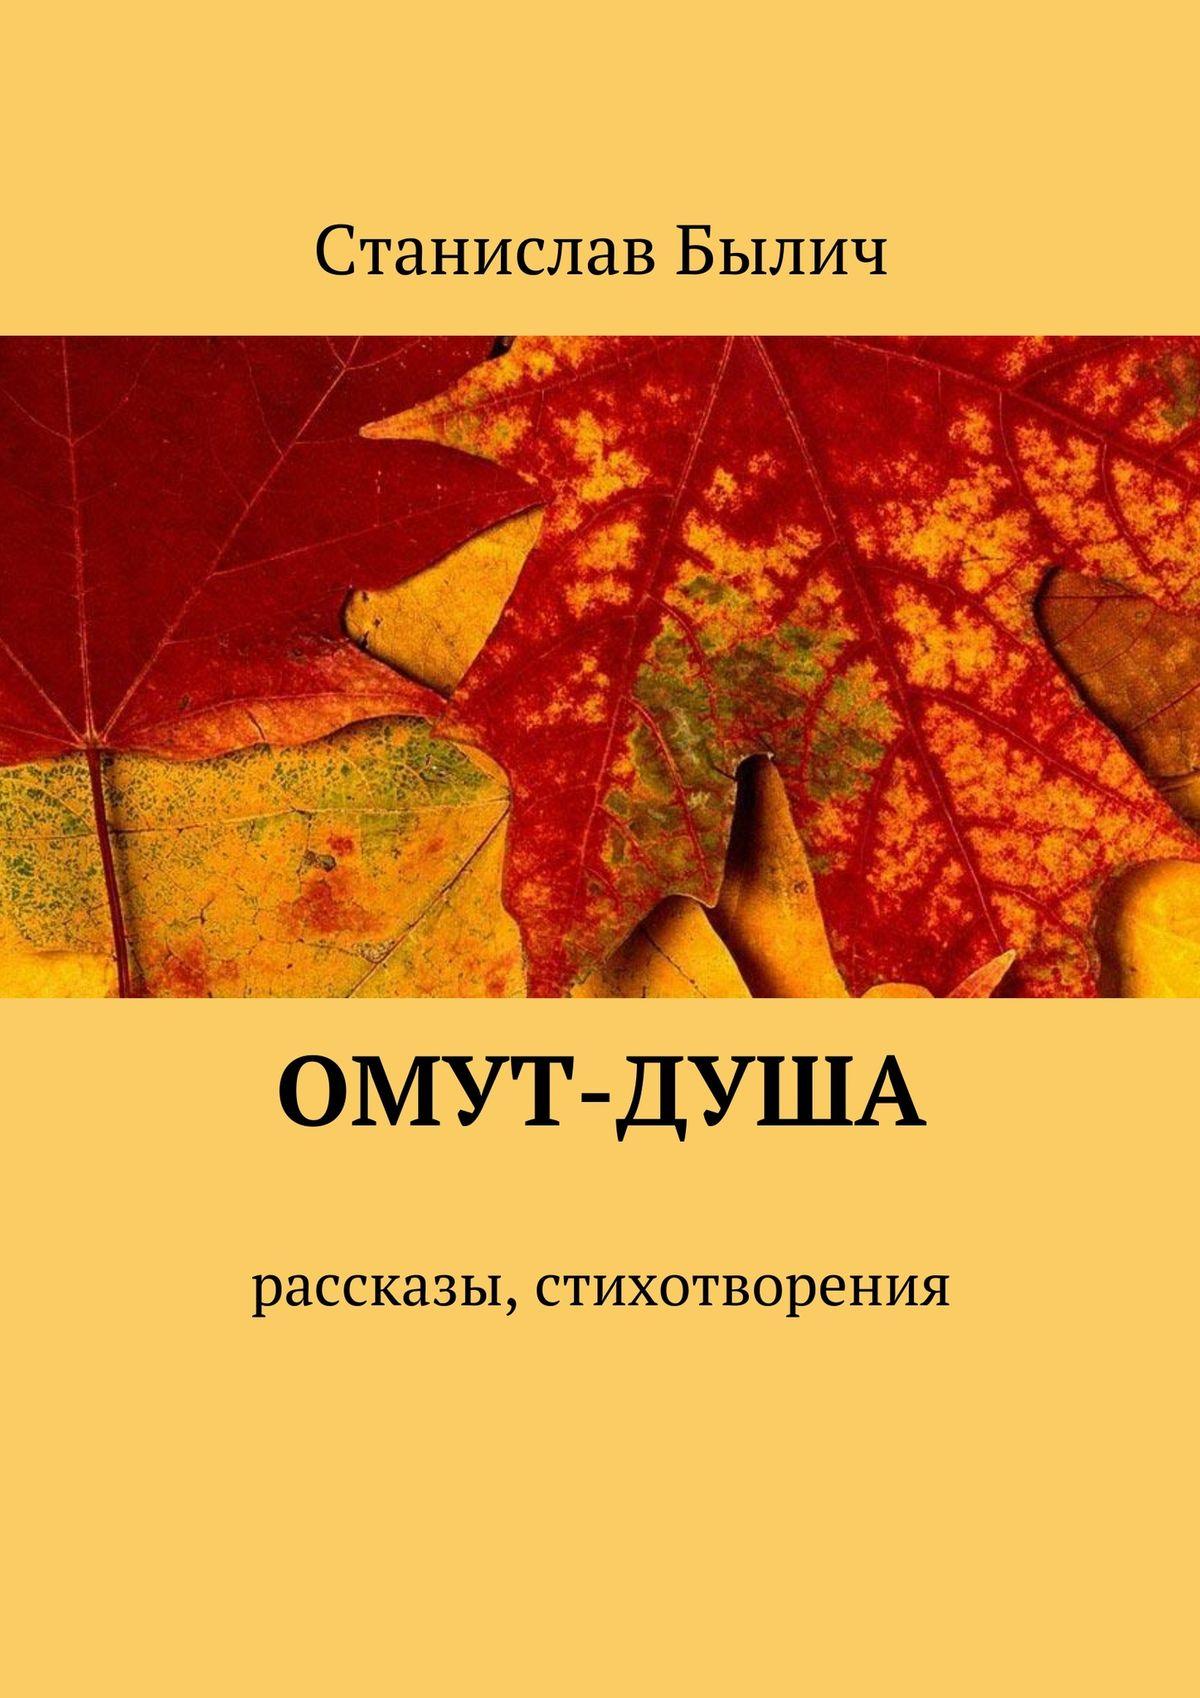 цены Станислав Былич Омут-душа. Рассказы, стихотворения